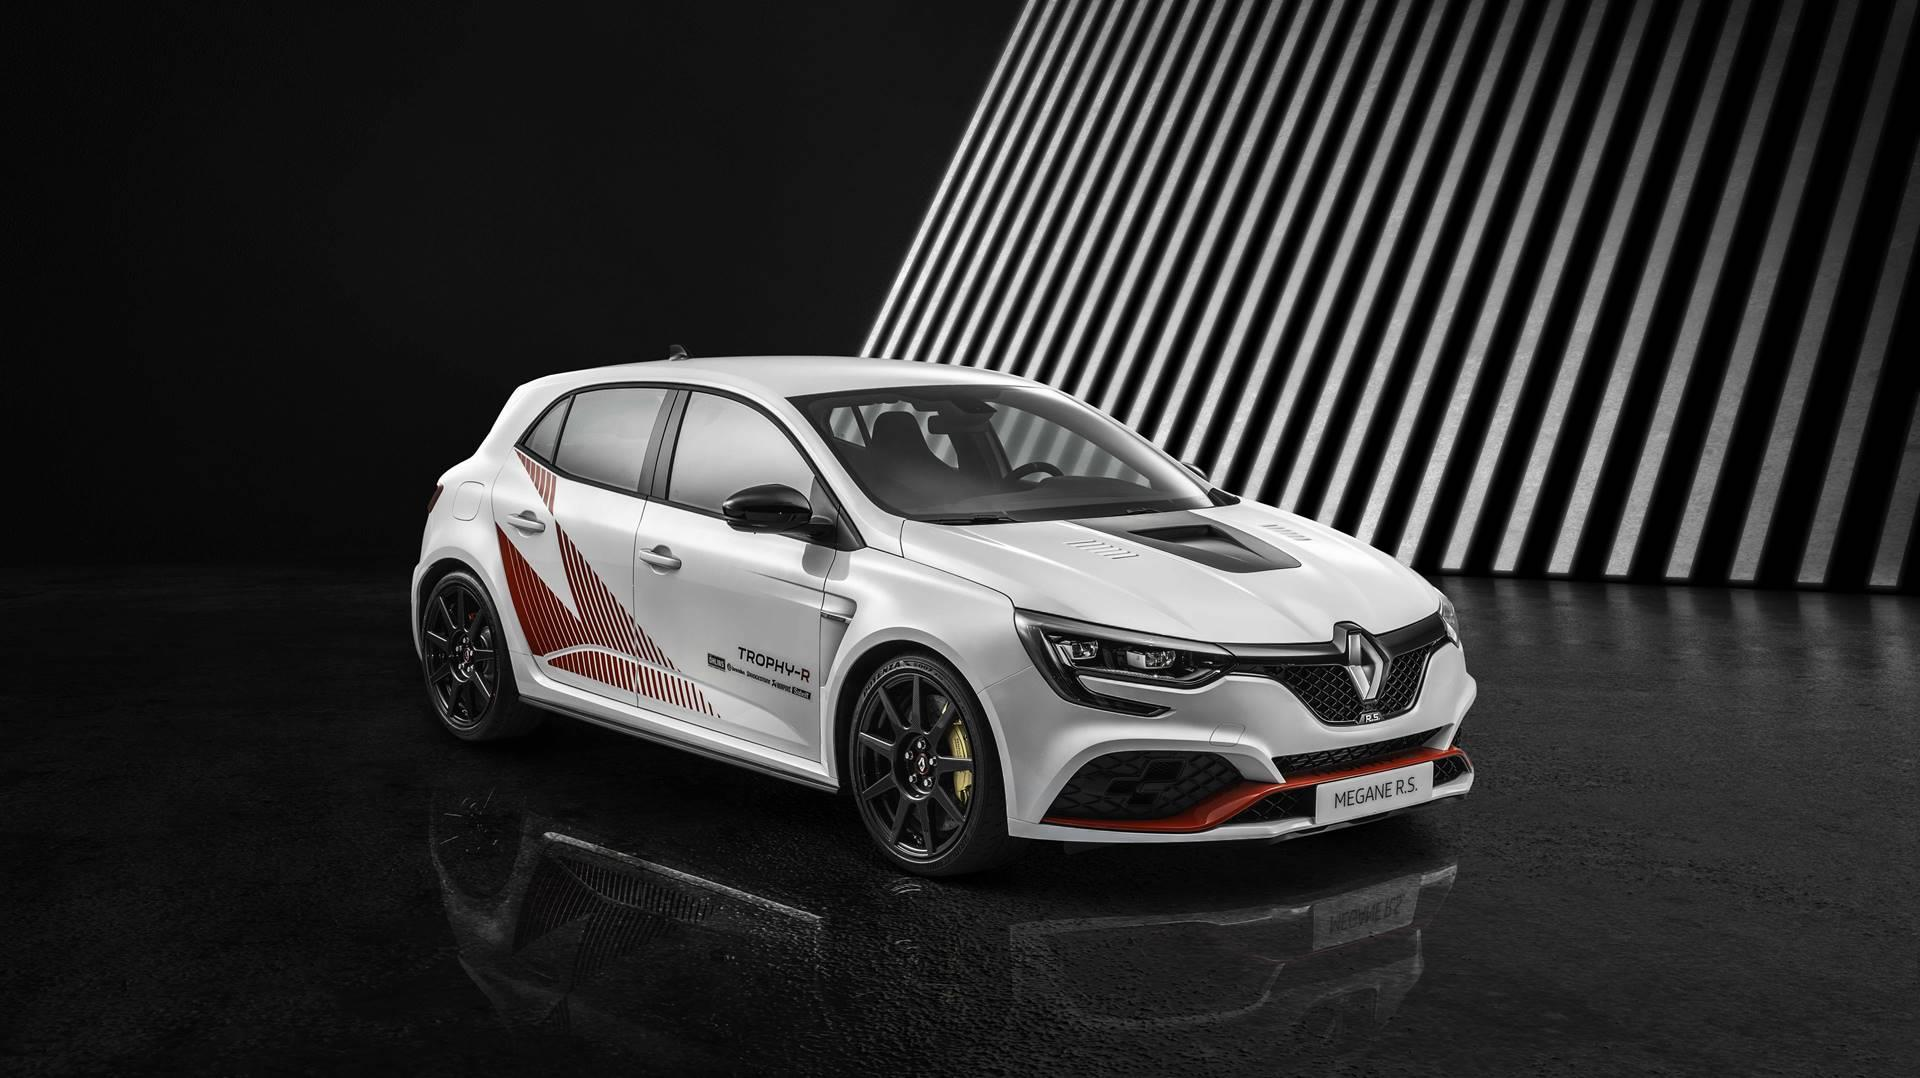 2019 Renault Megane R S Trophyr News And Information Com